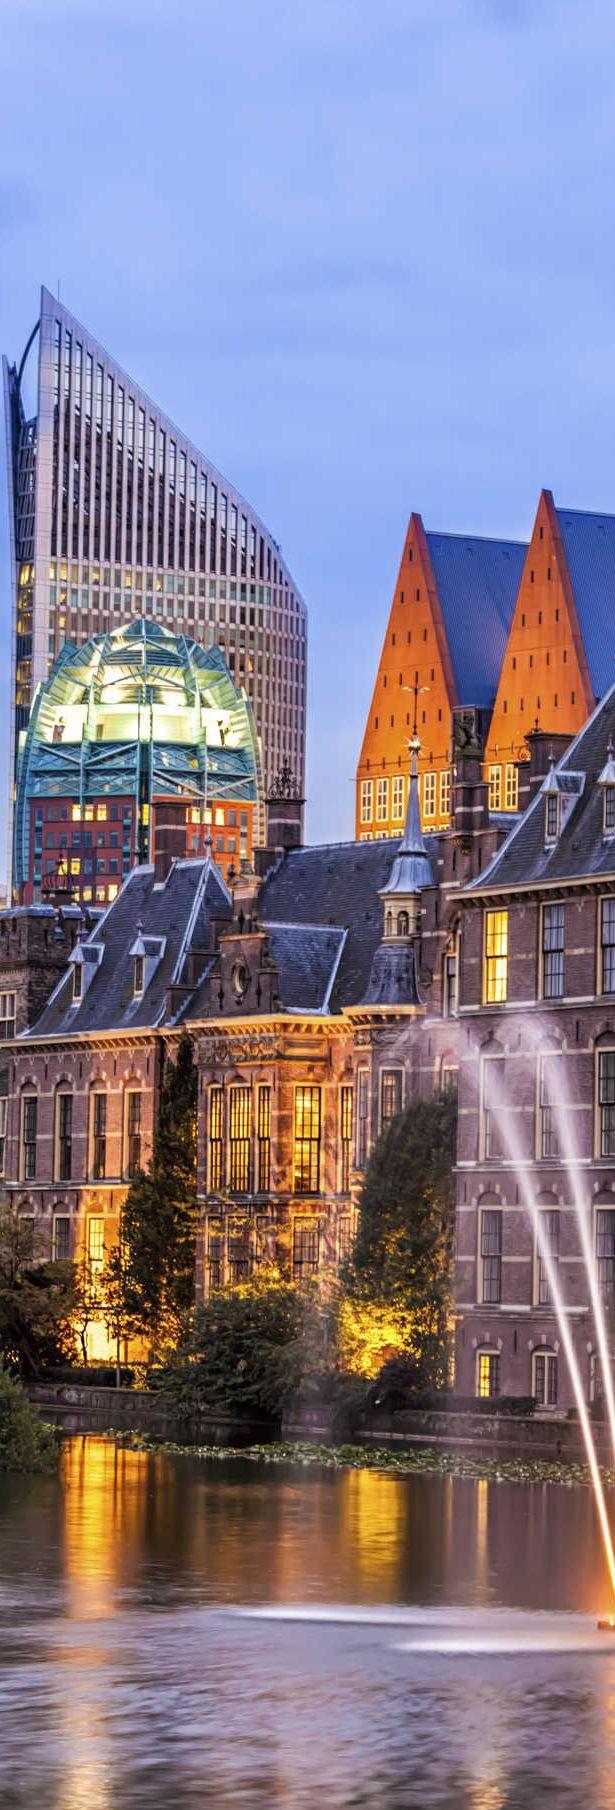 """Выставка """"Образование в Нидерландах: преимущества и возможности"""". Фото - 4"""